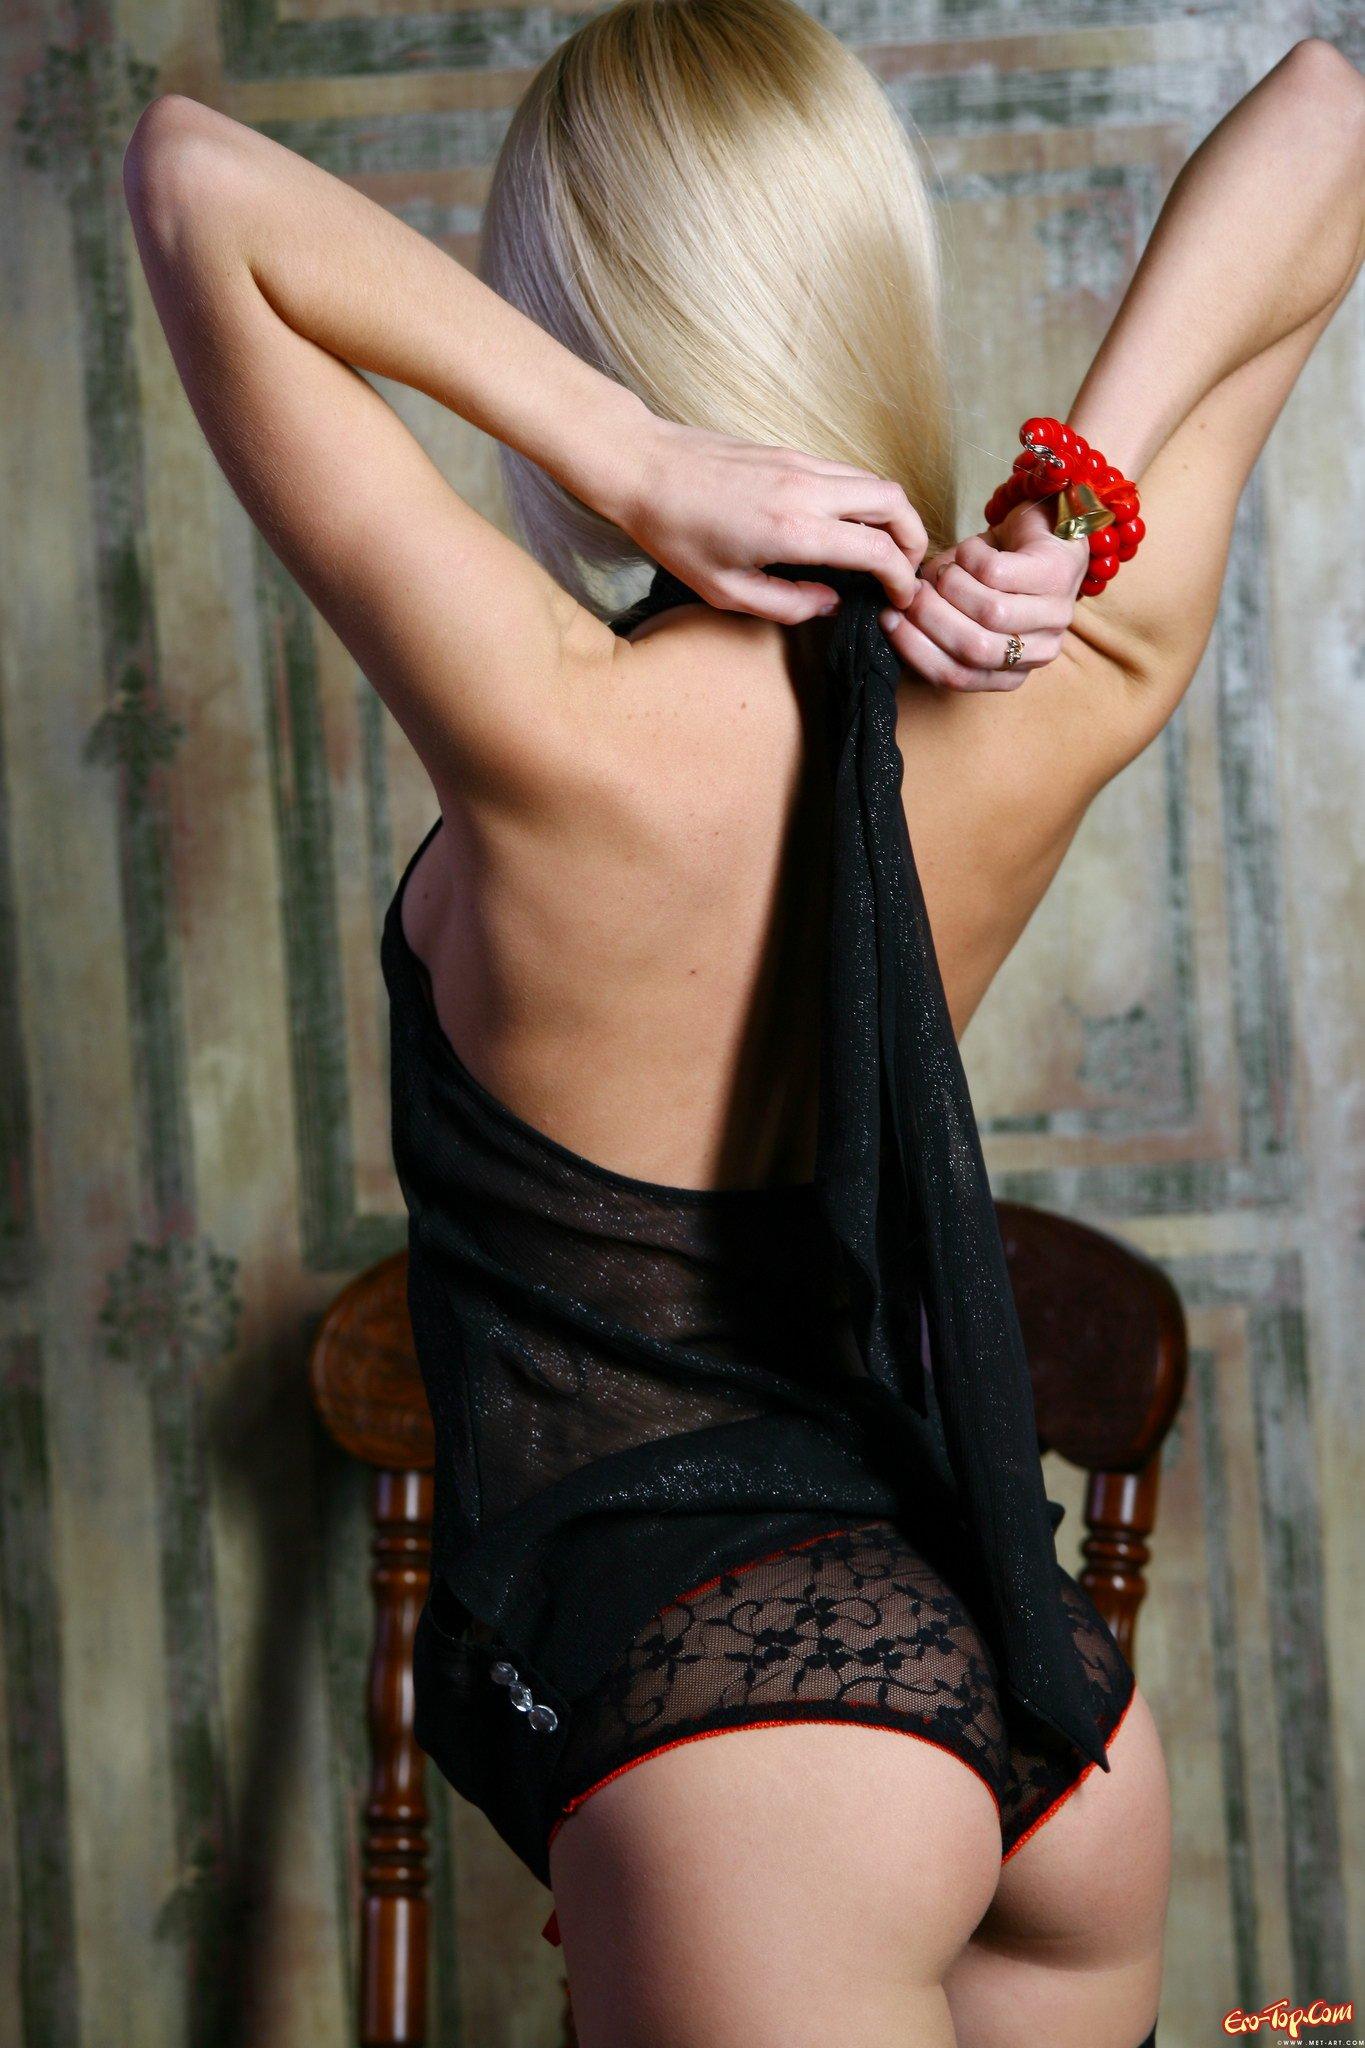 Блондиночка в чулках черных смотреть эротику